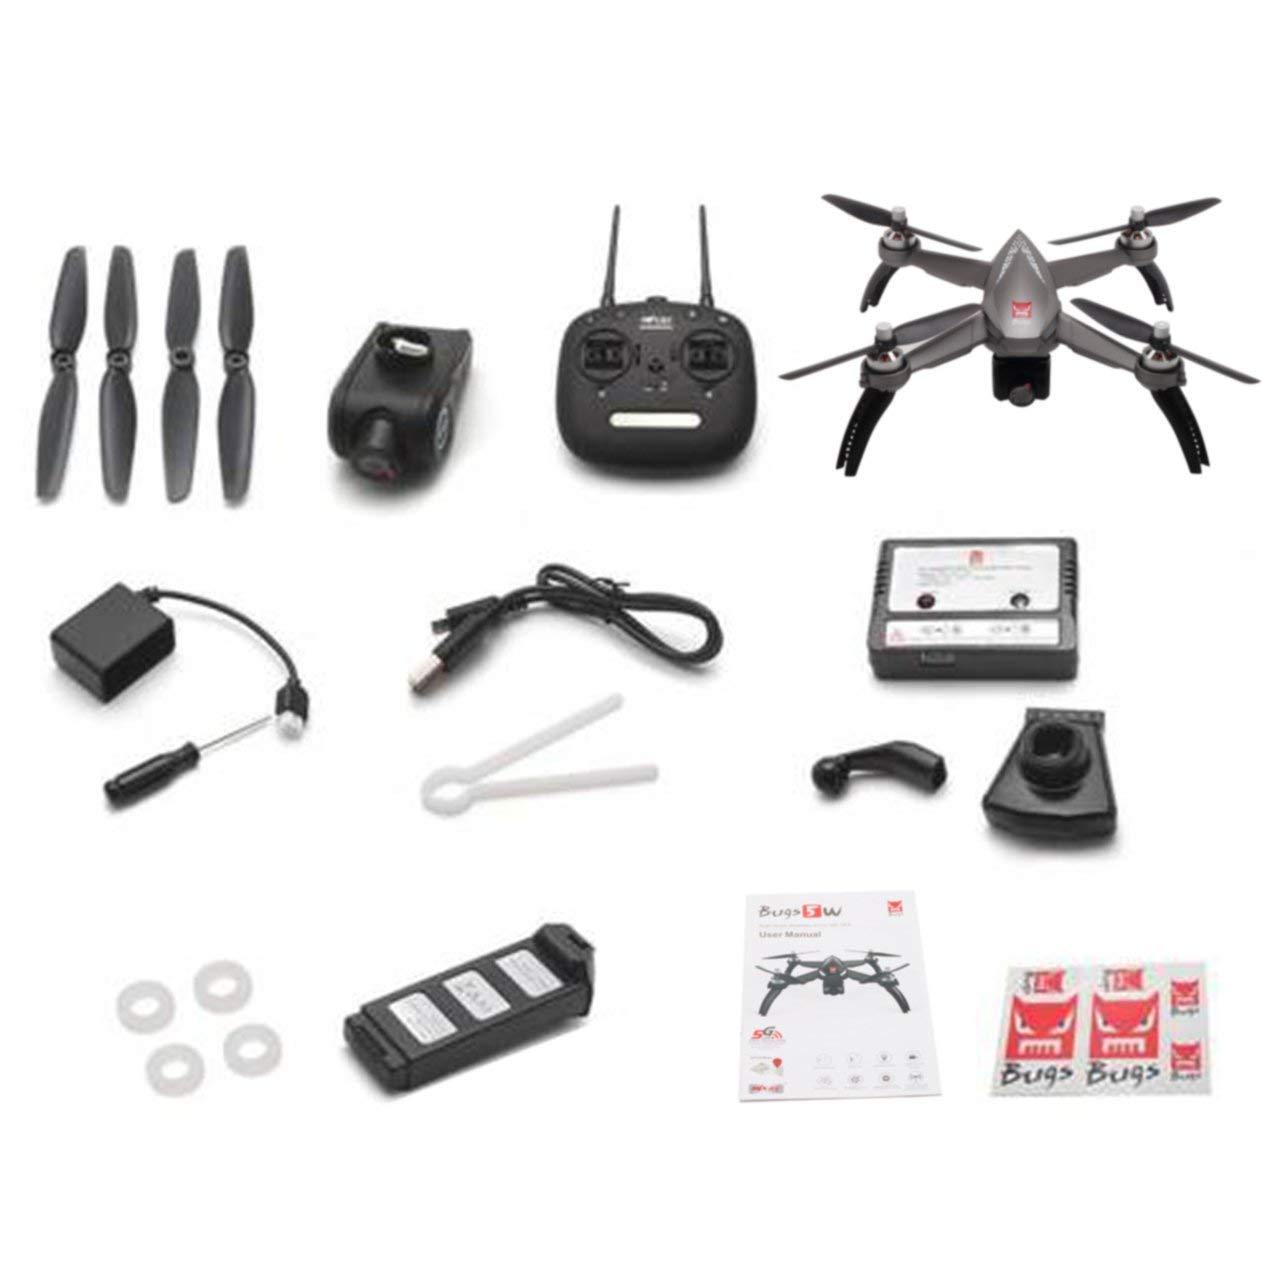 MJX Bugs 5W des Typs B5W GPS Quadcopter RC Drone mit 1080P 5G WiFi FPV Kamera Flugzeug